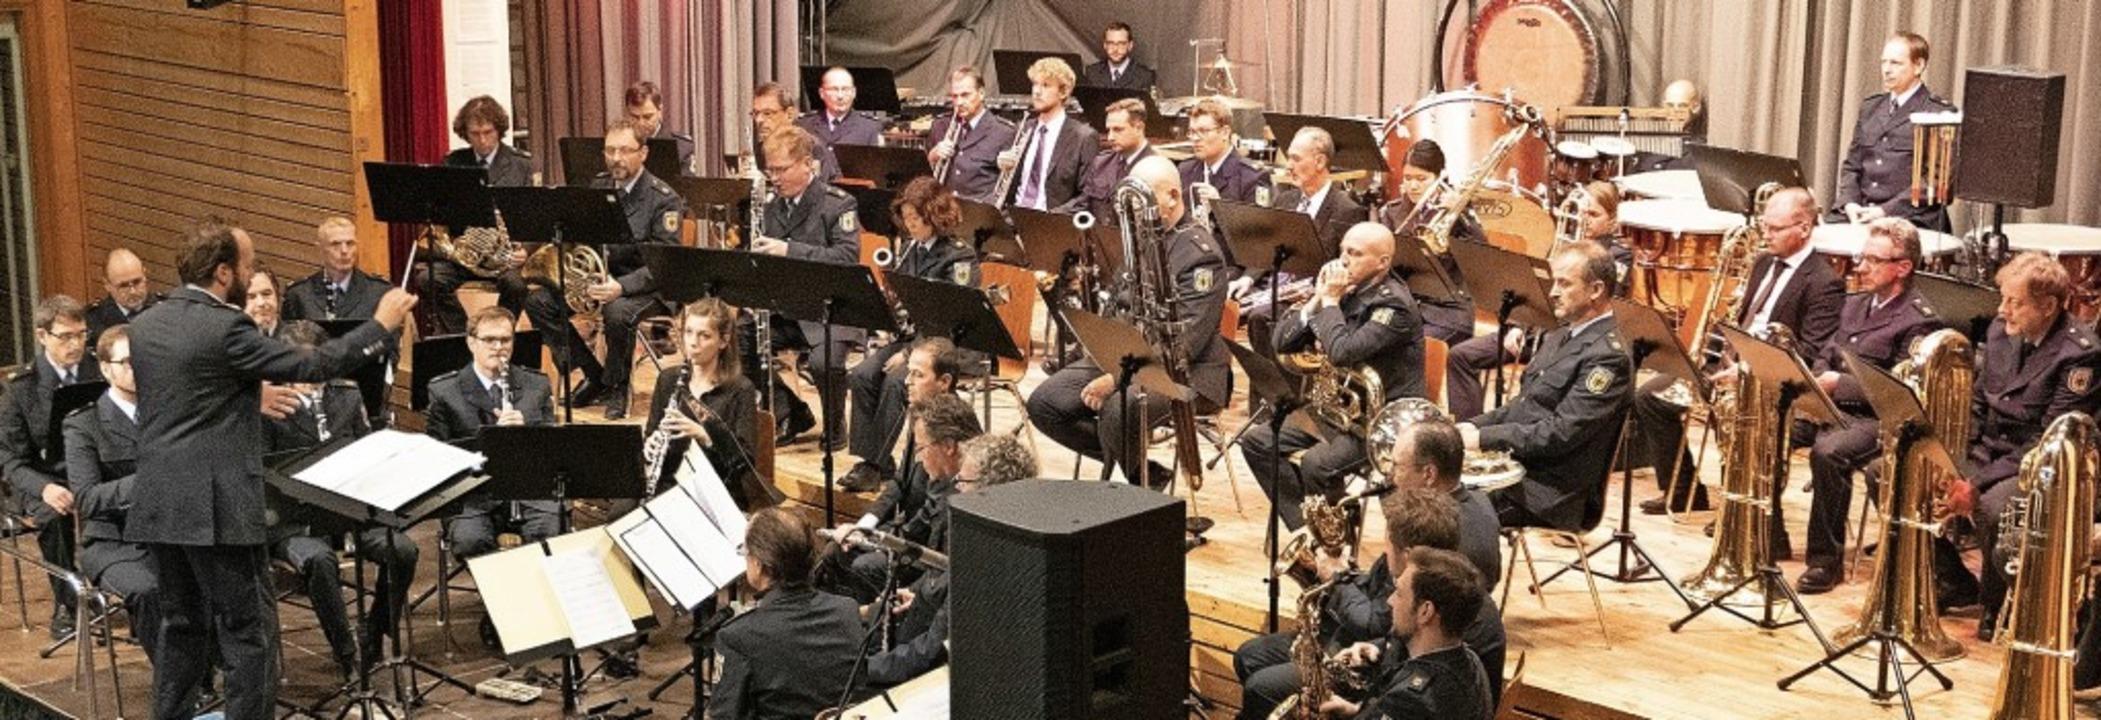 Das Bundespolizeiorchester ist ein  fu...er in allen Stilrichtungen begeistert.  | Foto: Christiane Breuer